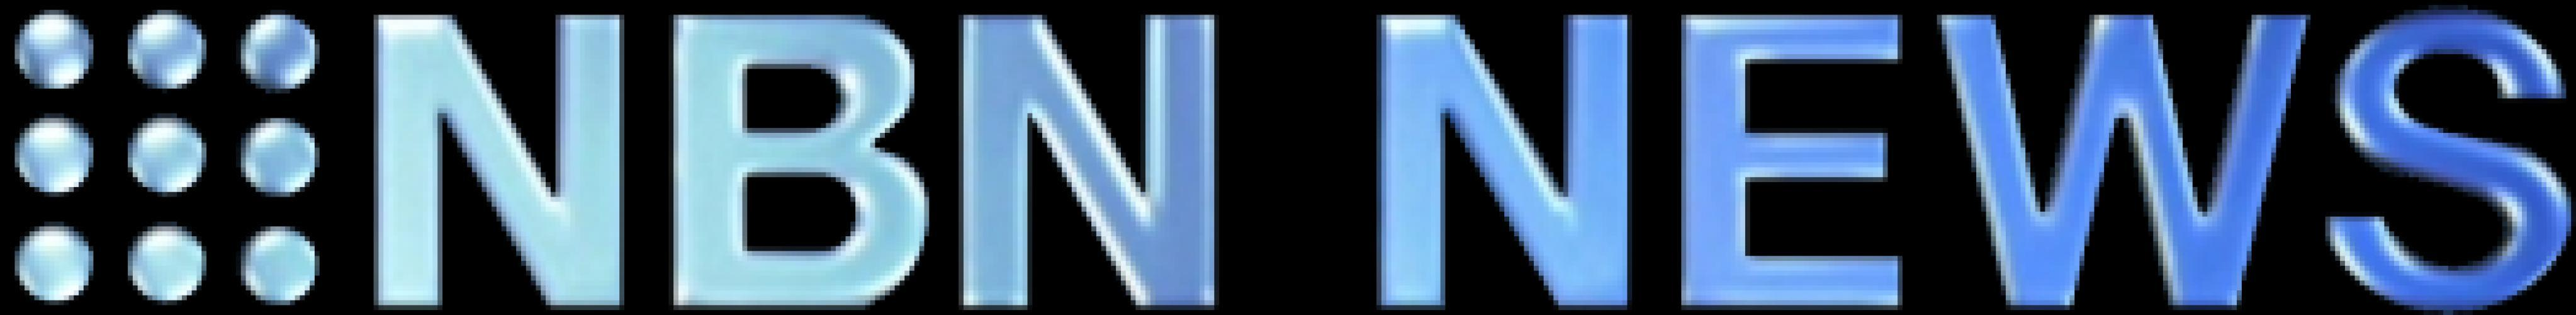 NBN News next episode air date poster